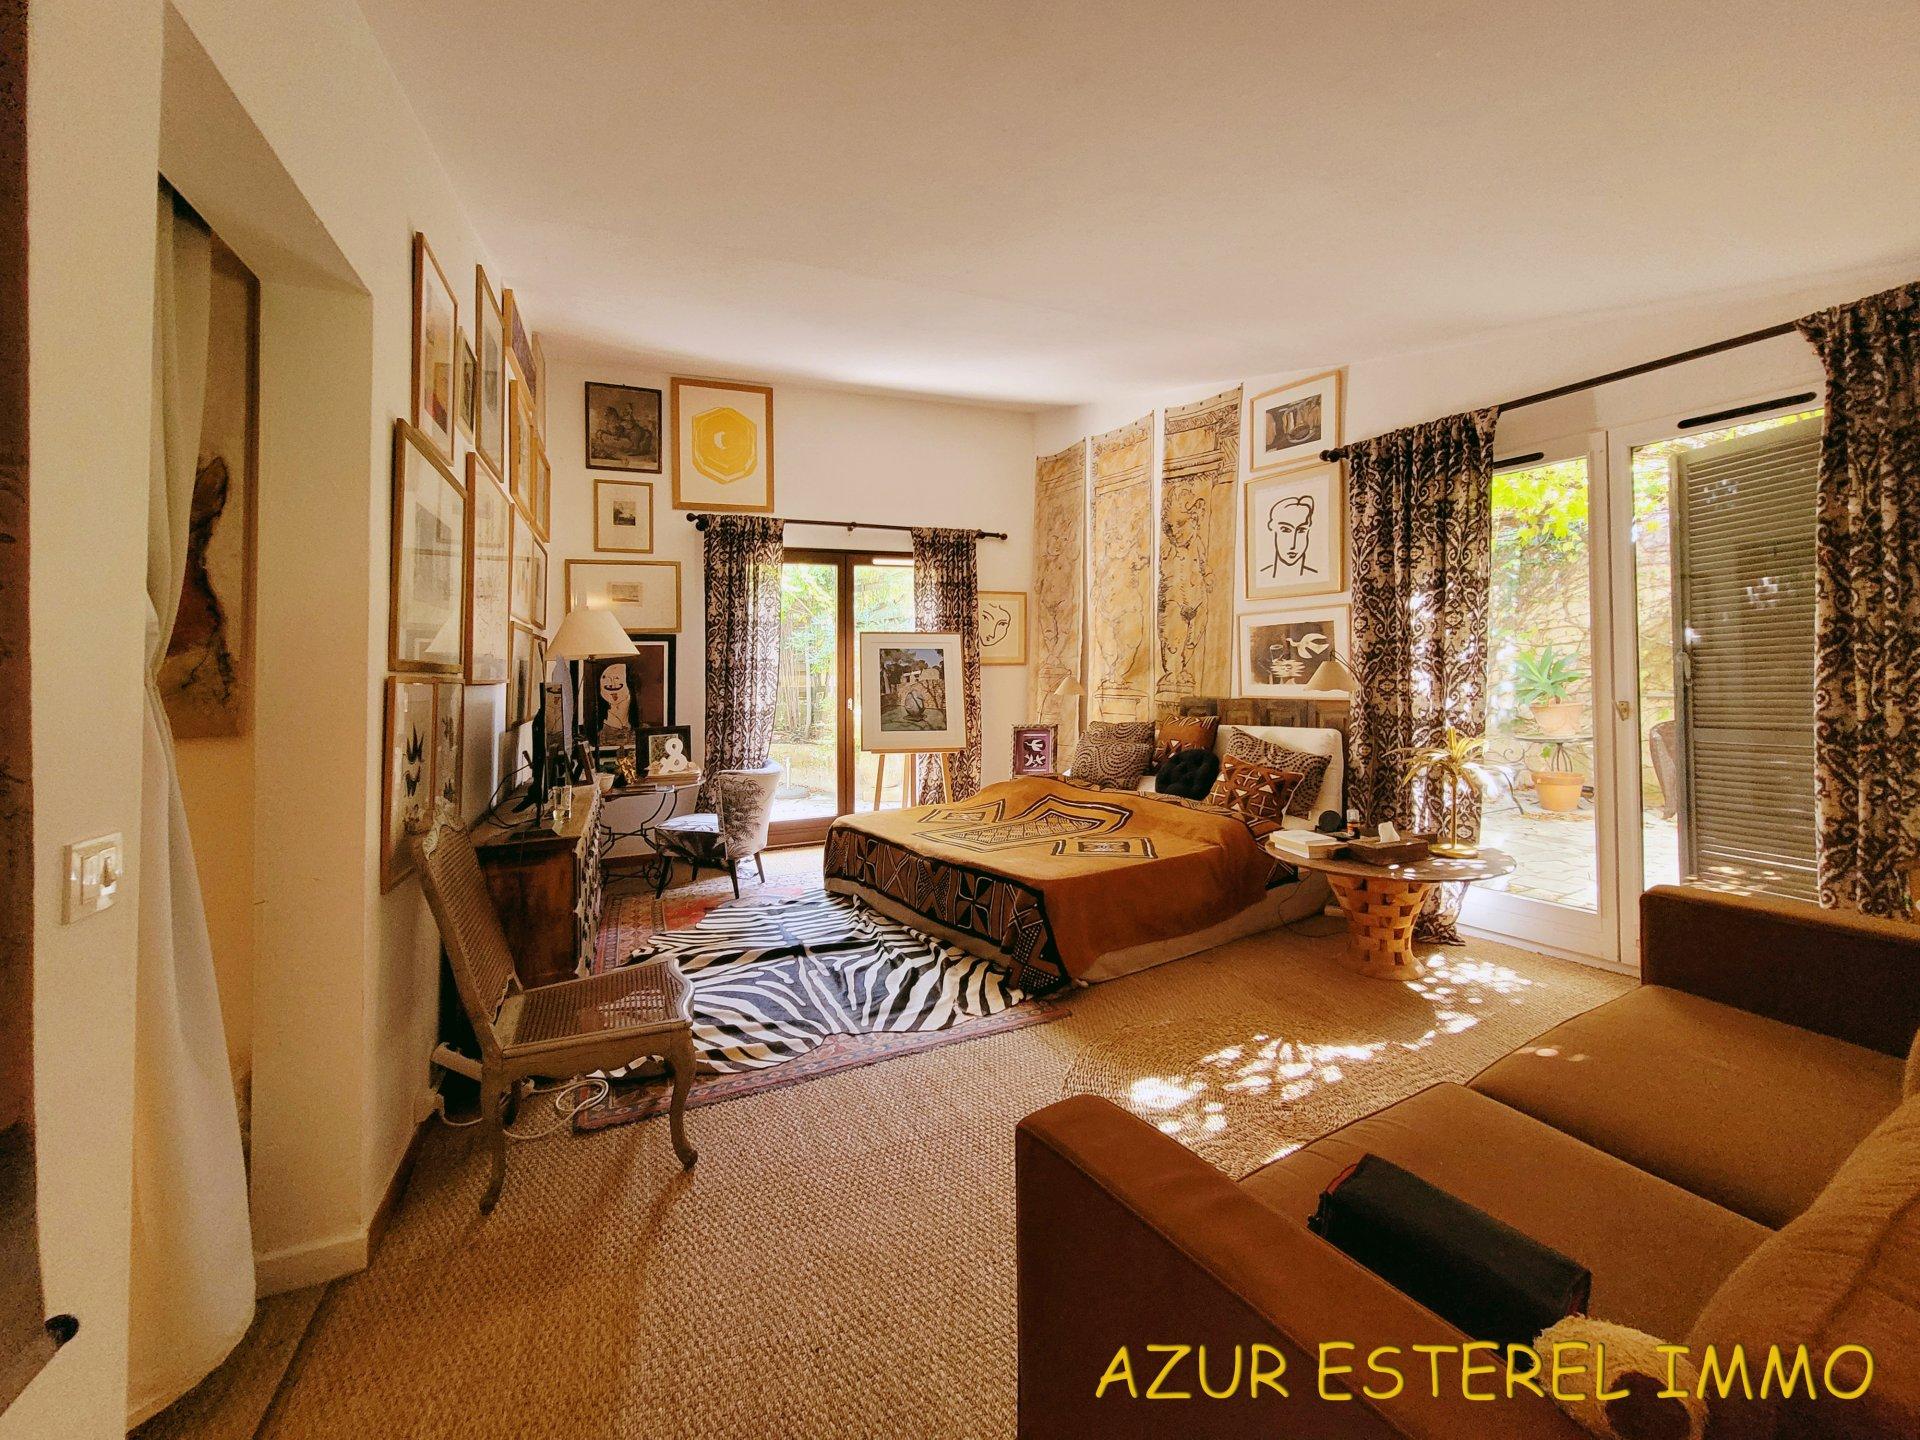 Charmantes provenzalisches Landhaus, in einer geschlossenen Wohnanlage in nicht weit vom Strand